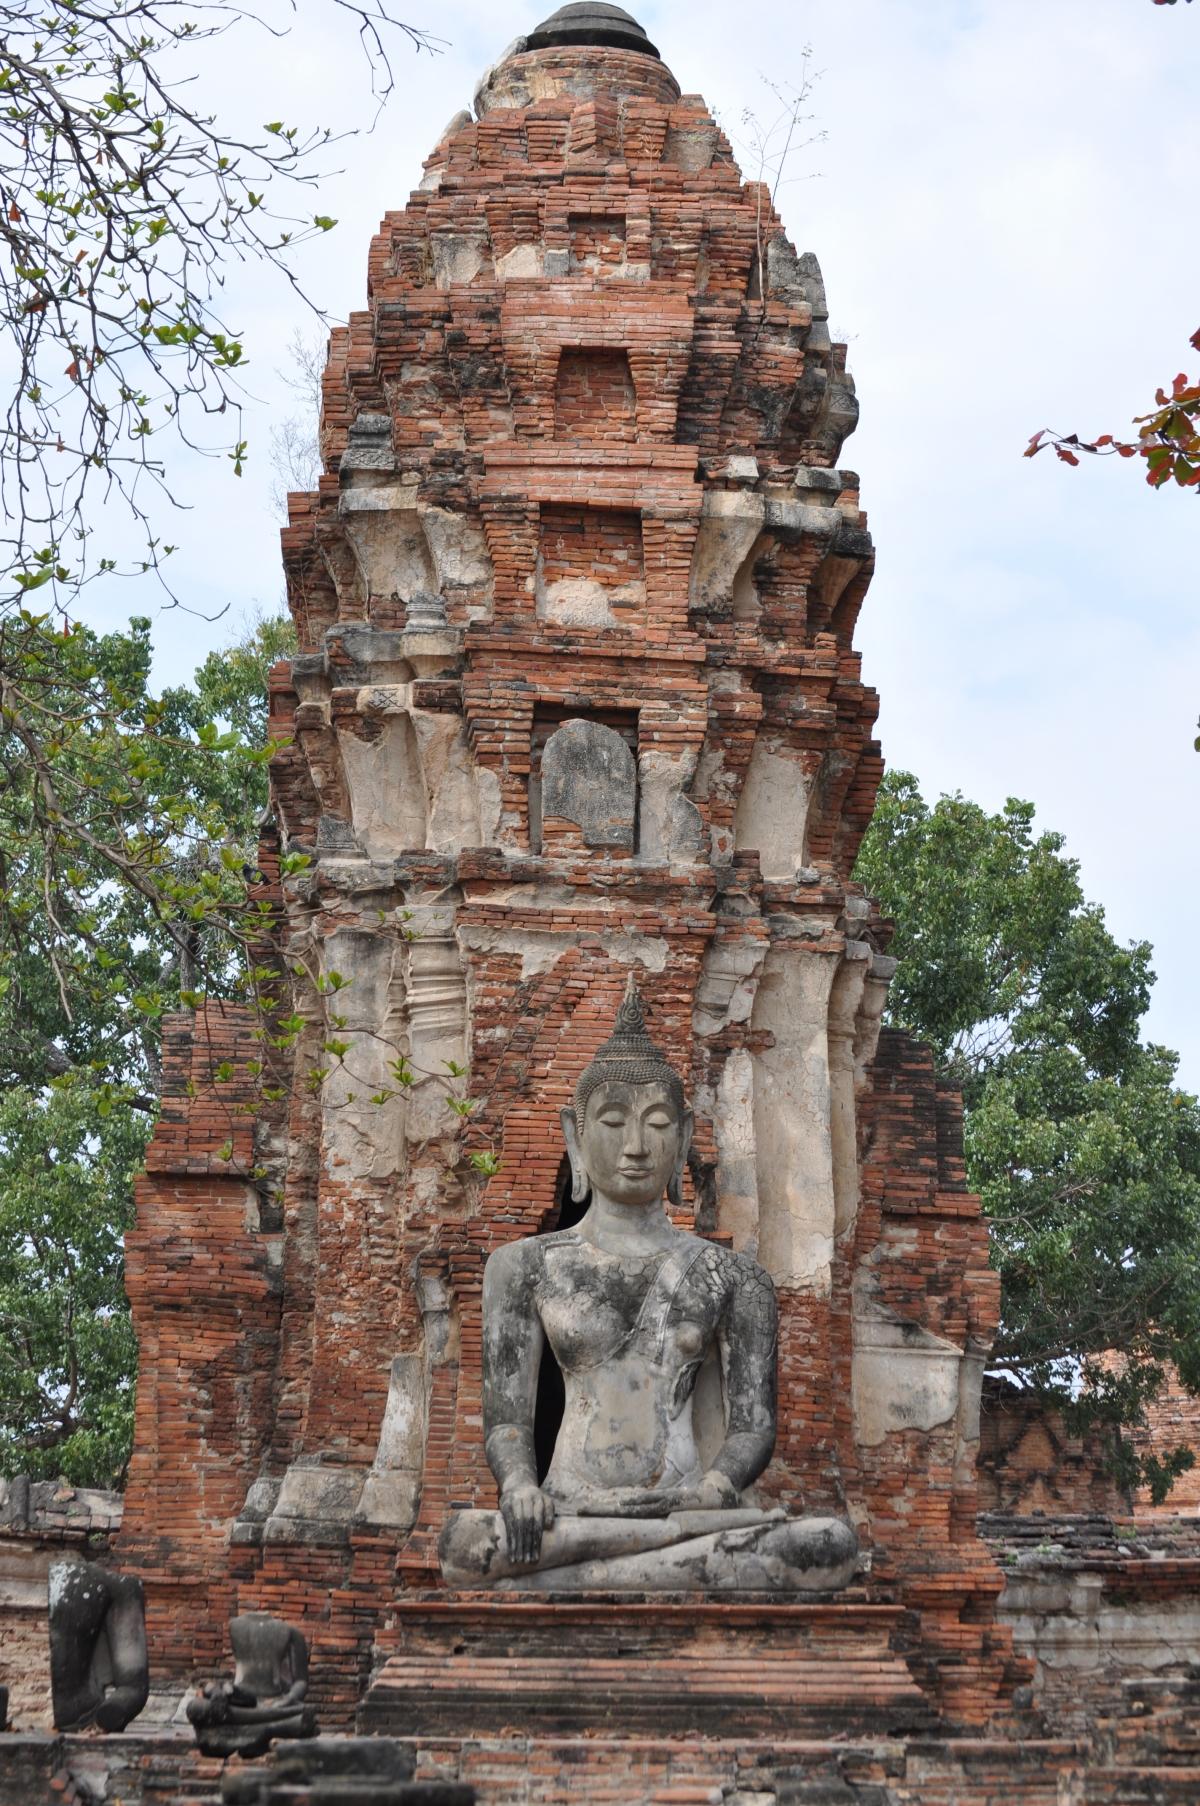 PopsicleSociety-Ayutthaya